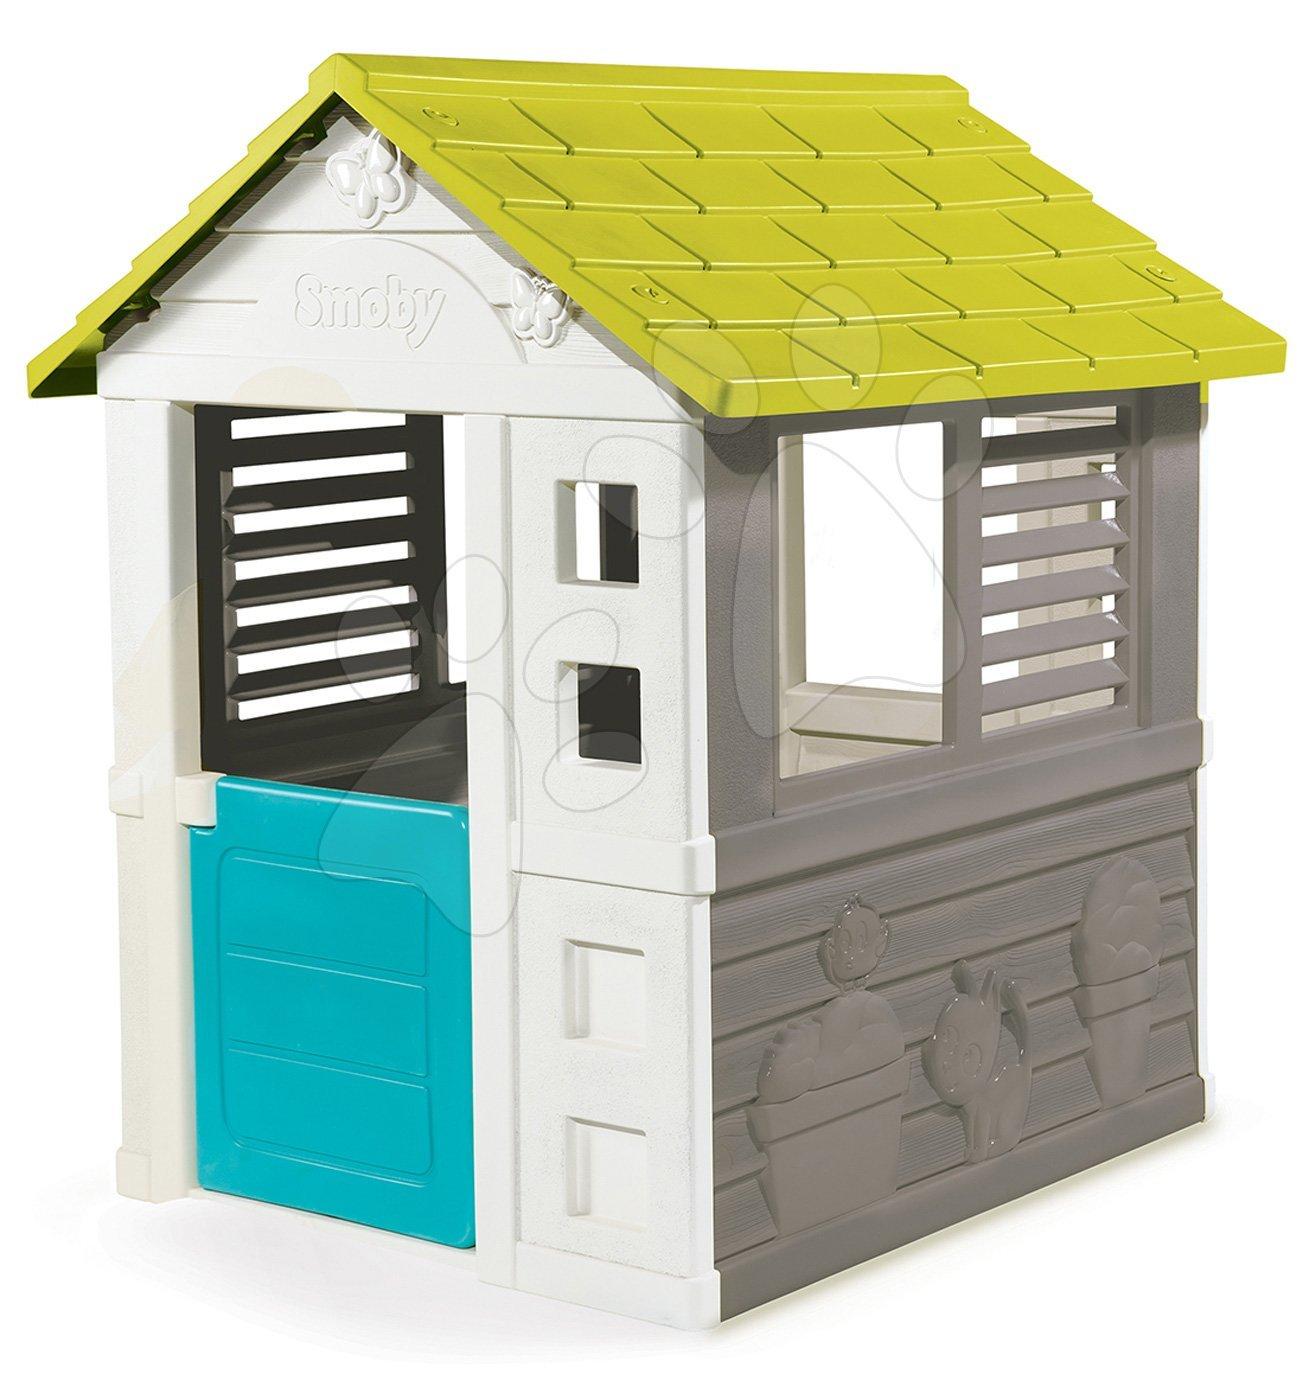 Smoby domček Jolie modro-šedý s 3 oknami a 2 žalúziami s UV filtrom 810708